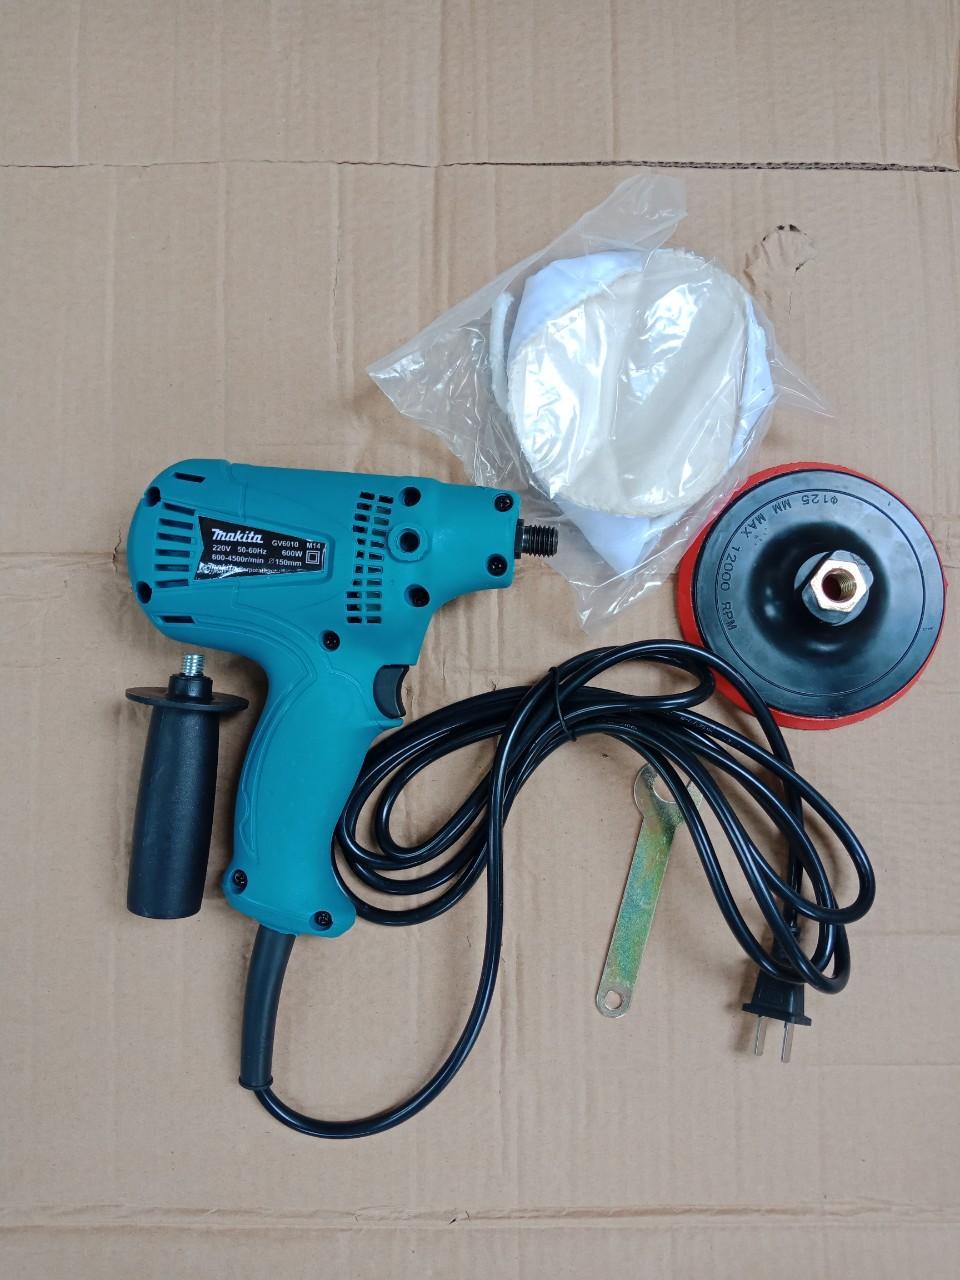 Máy đánh bóng ô tô Makita GV6010-1  máy đáng bóng giá re